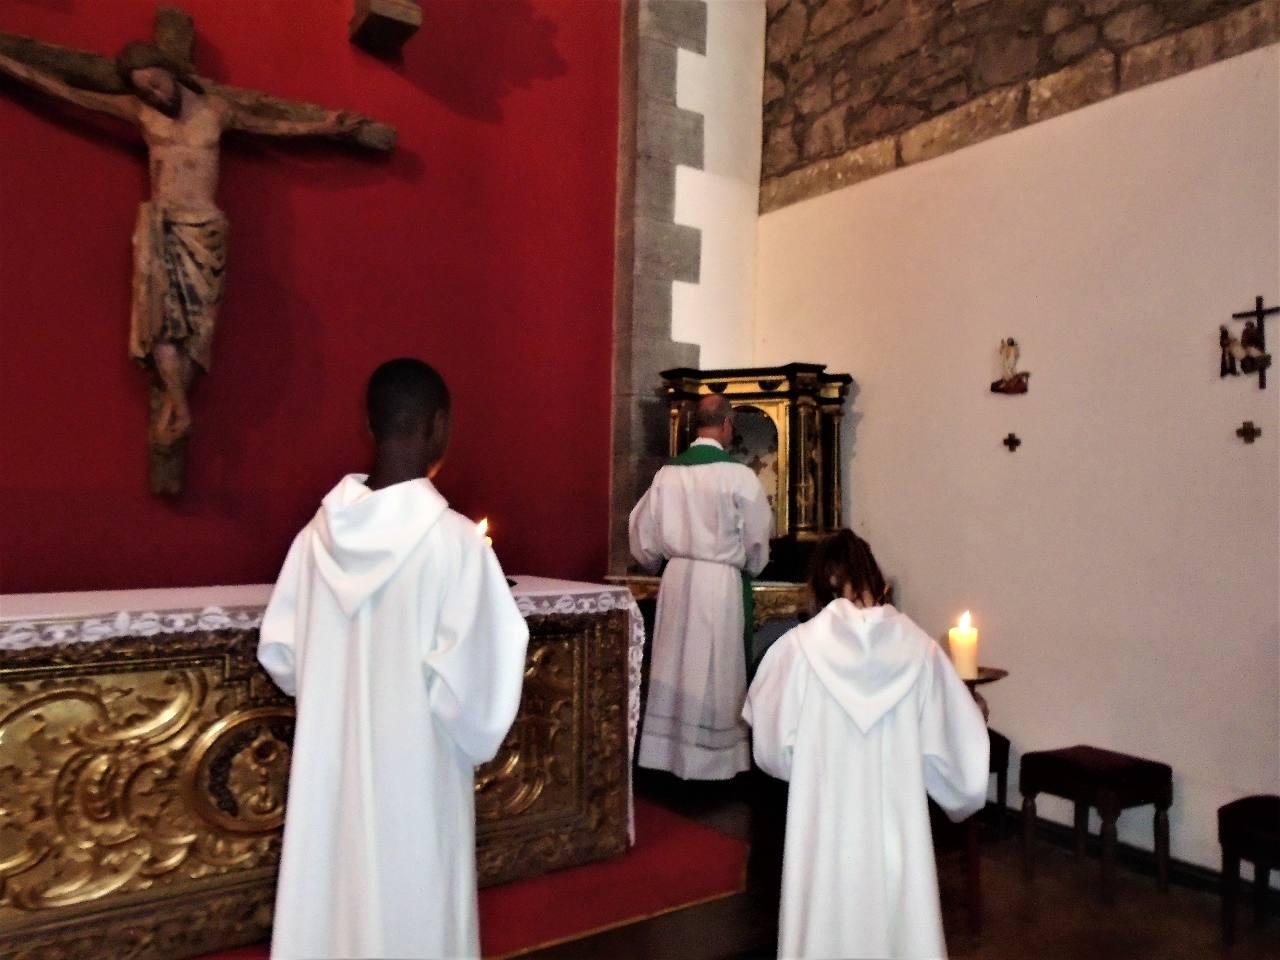 Après la communion, les hosties consacrées restantes reposent dans le Tabernacle. C'est la présence continue de Jésus offerte à tous ceux qui s'en approchent à tout moment